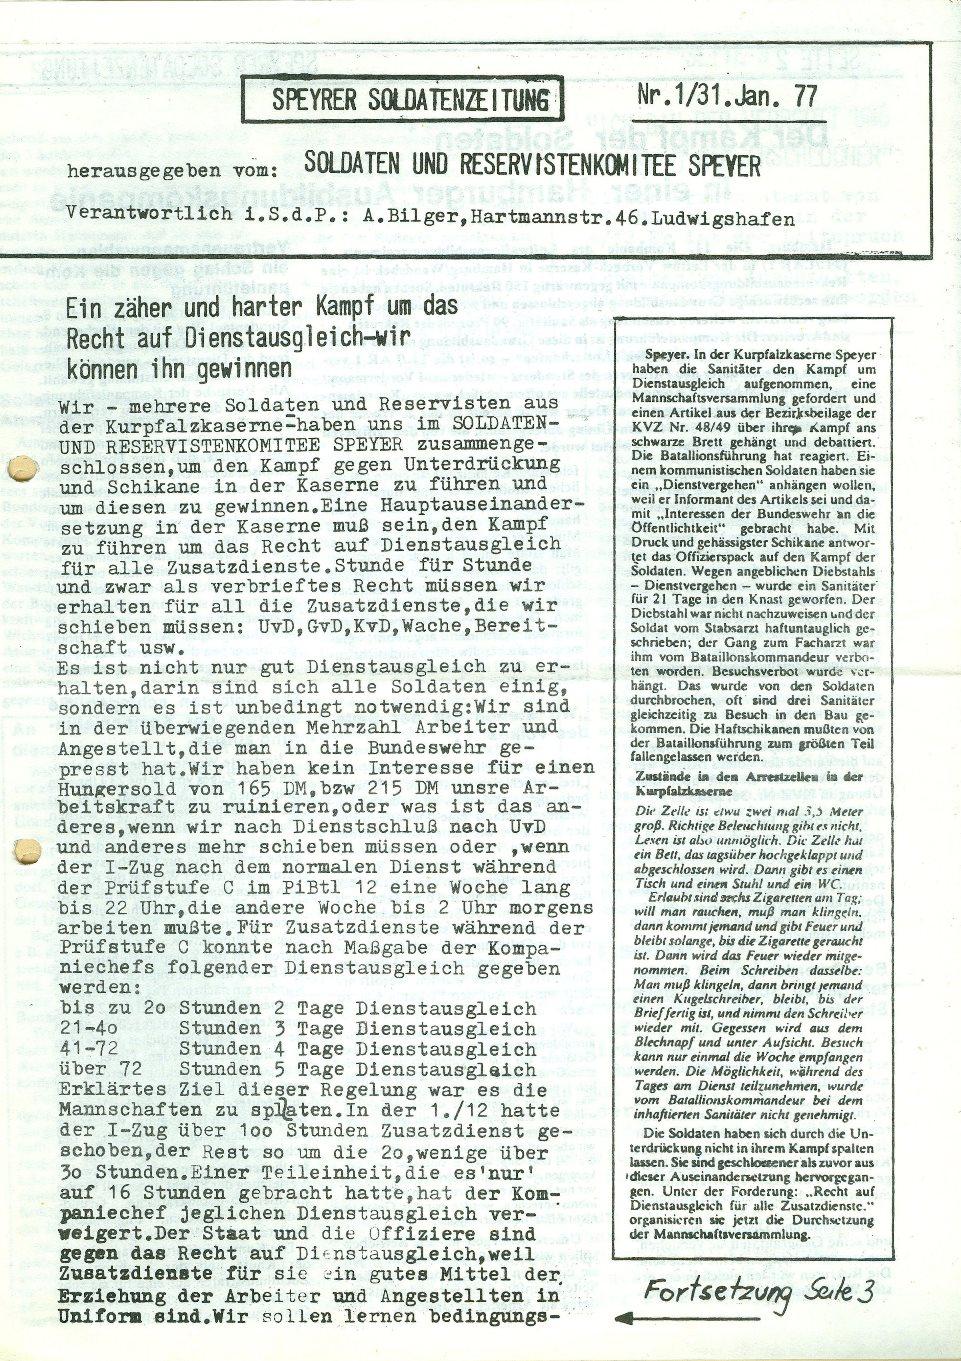 Speyer_Bundeswehr001